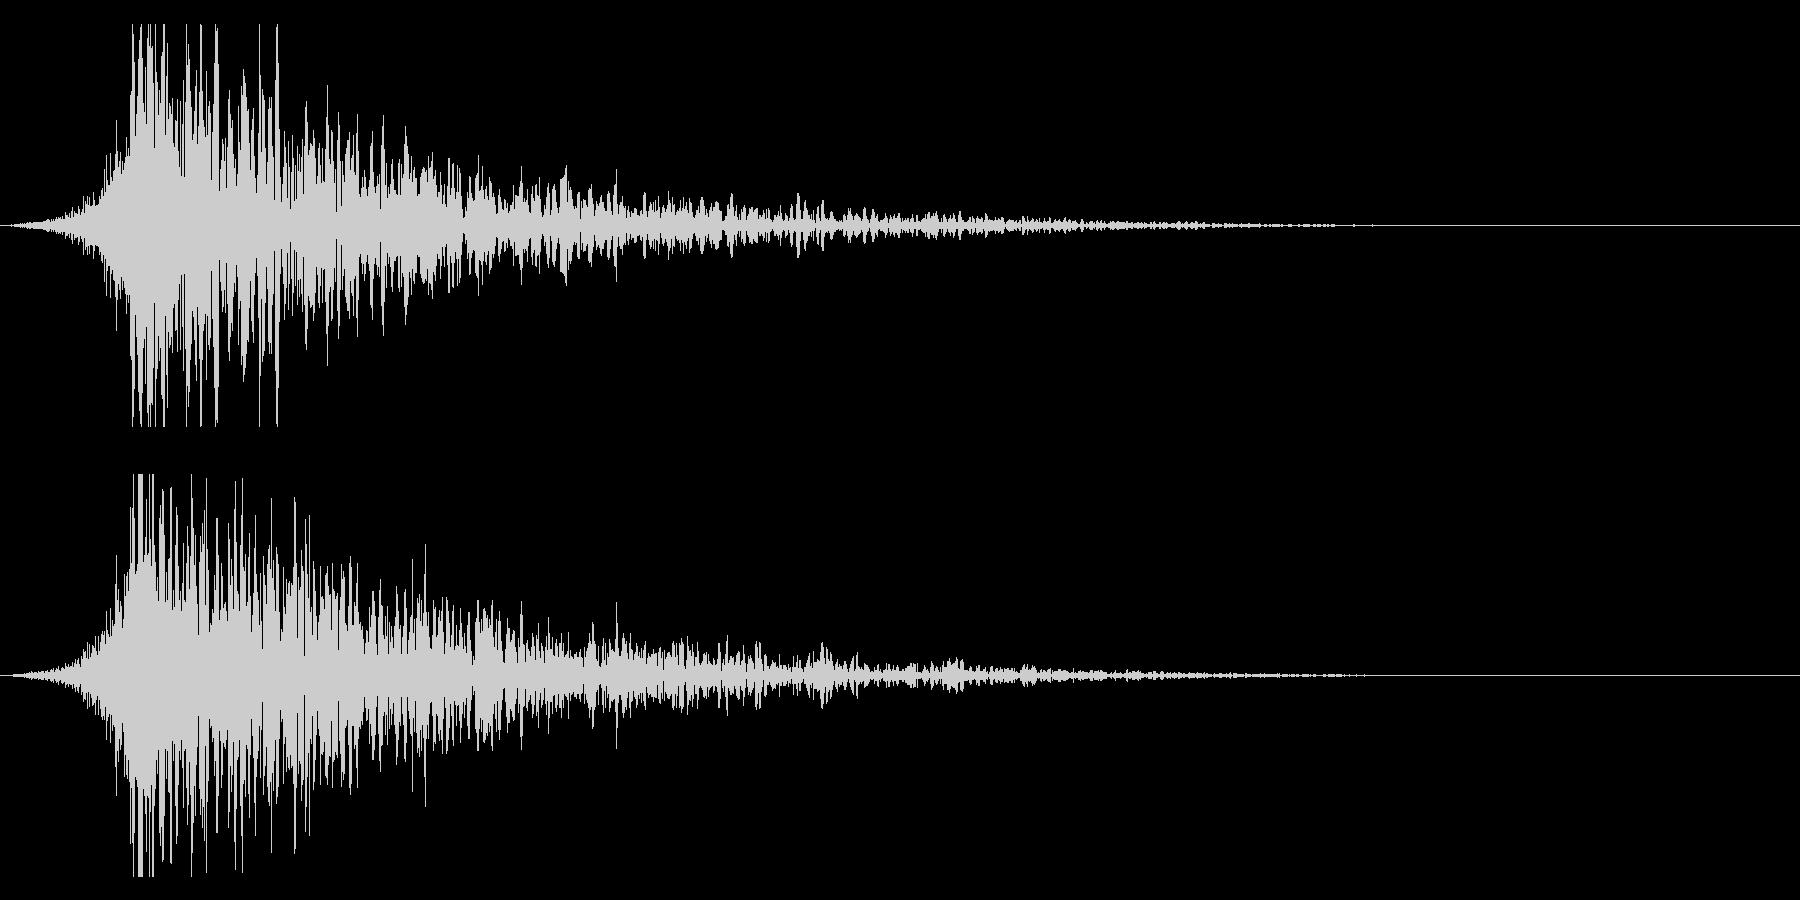 シュードーン-22-1(インパクト音)の未再生の波形